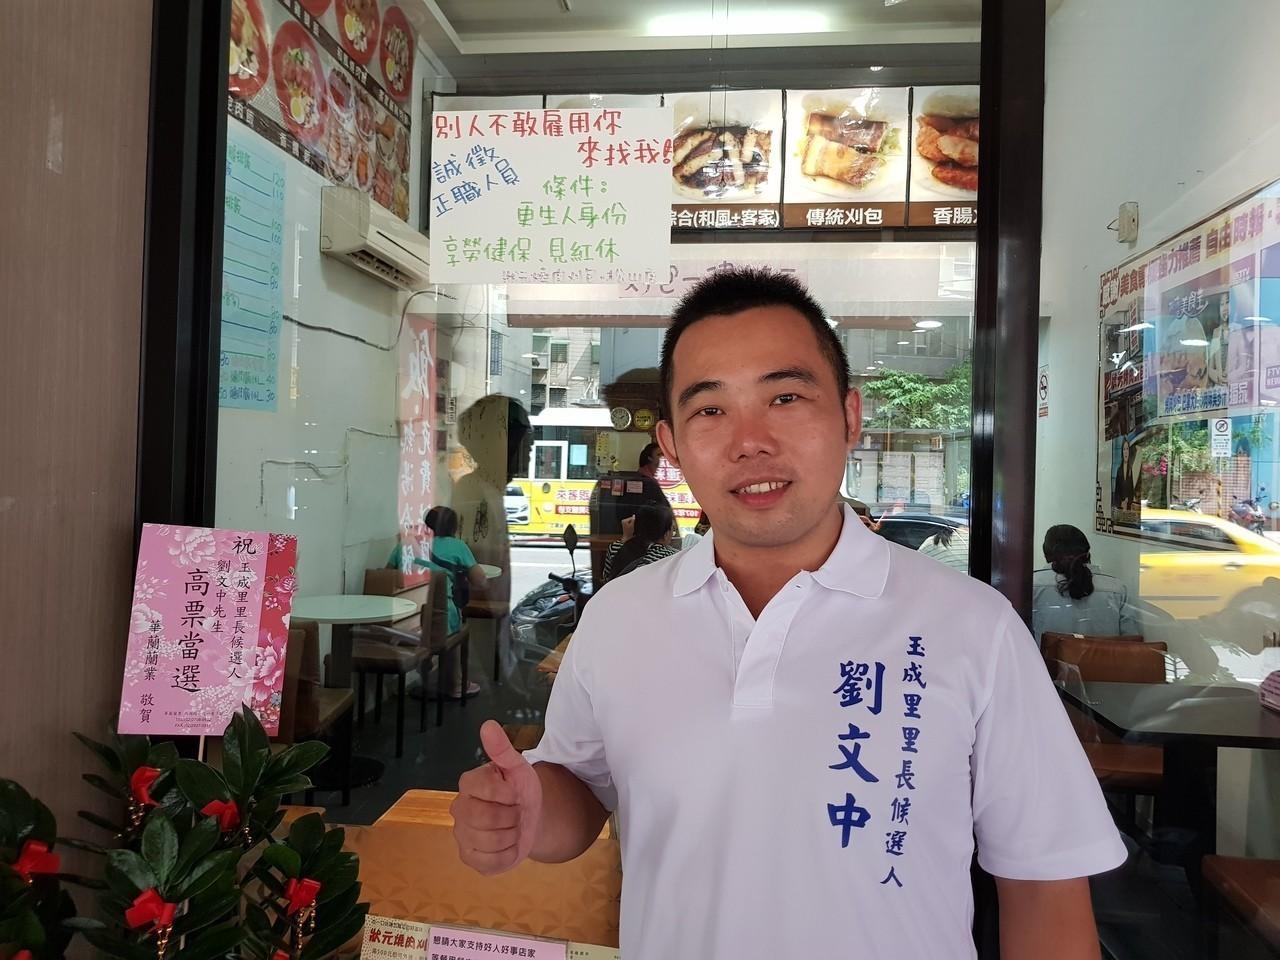 在北市南港區玉成里開刈包店一年的更生人劉文中,今年決定參選里長進一步服務鄰里,同...